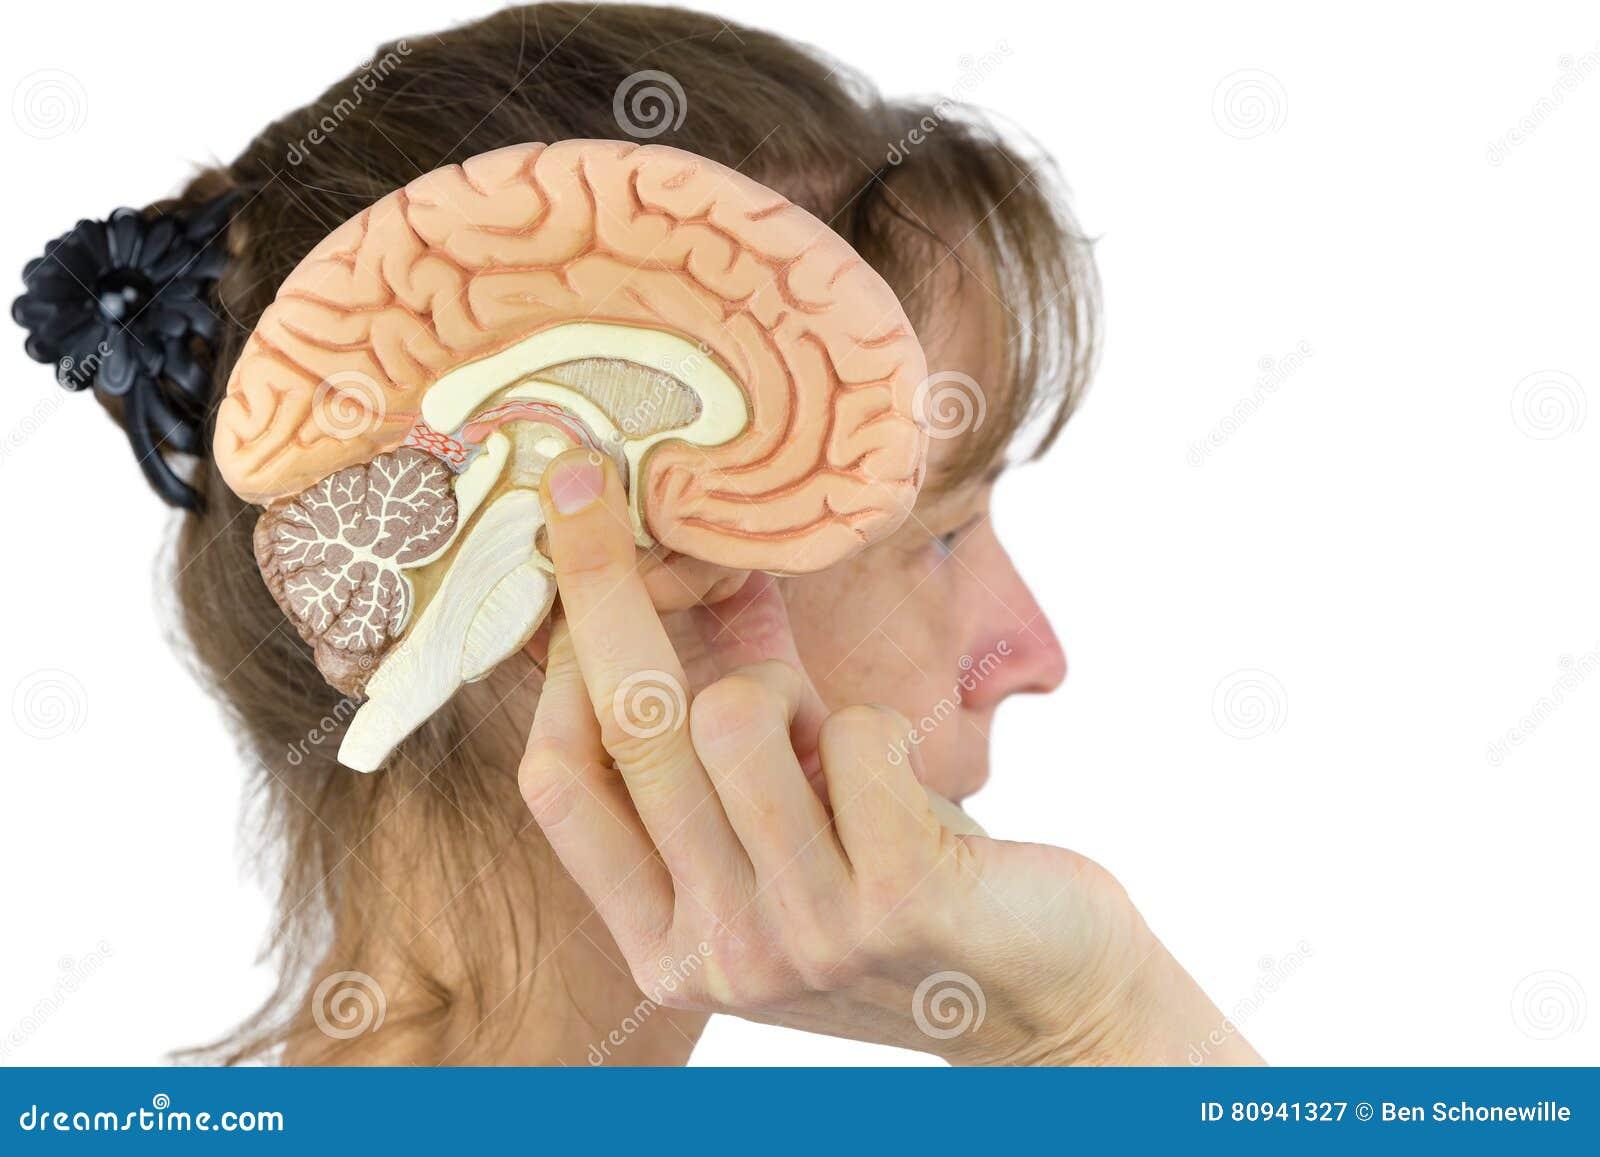 De hemisfeermodel van de vrouwenholding tegen hoofd op wit